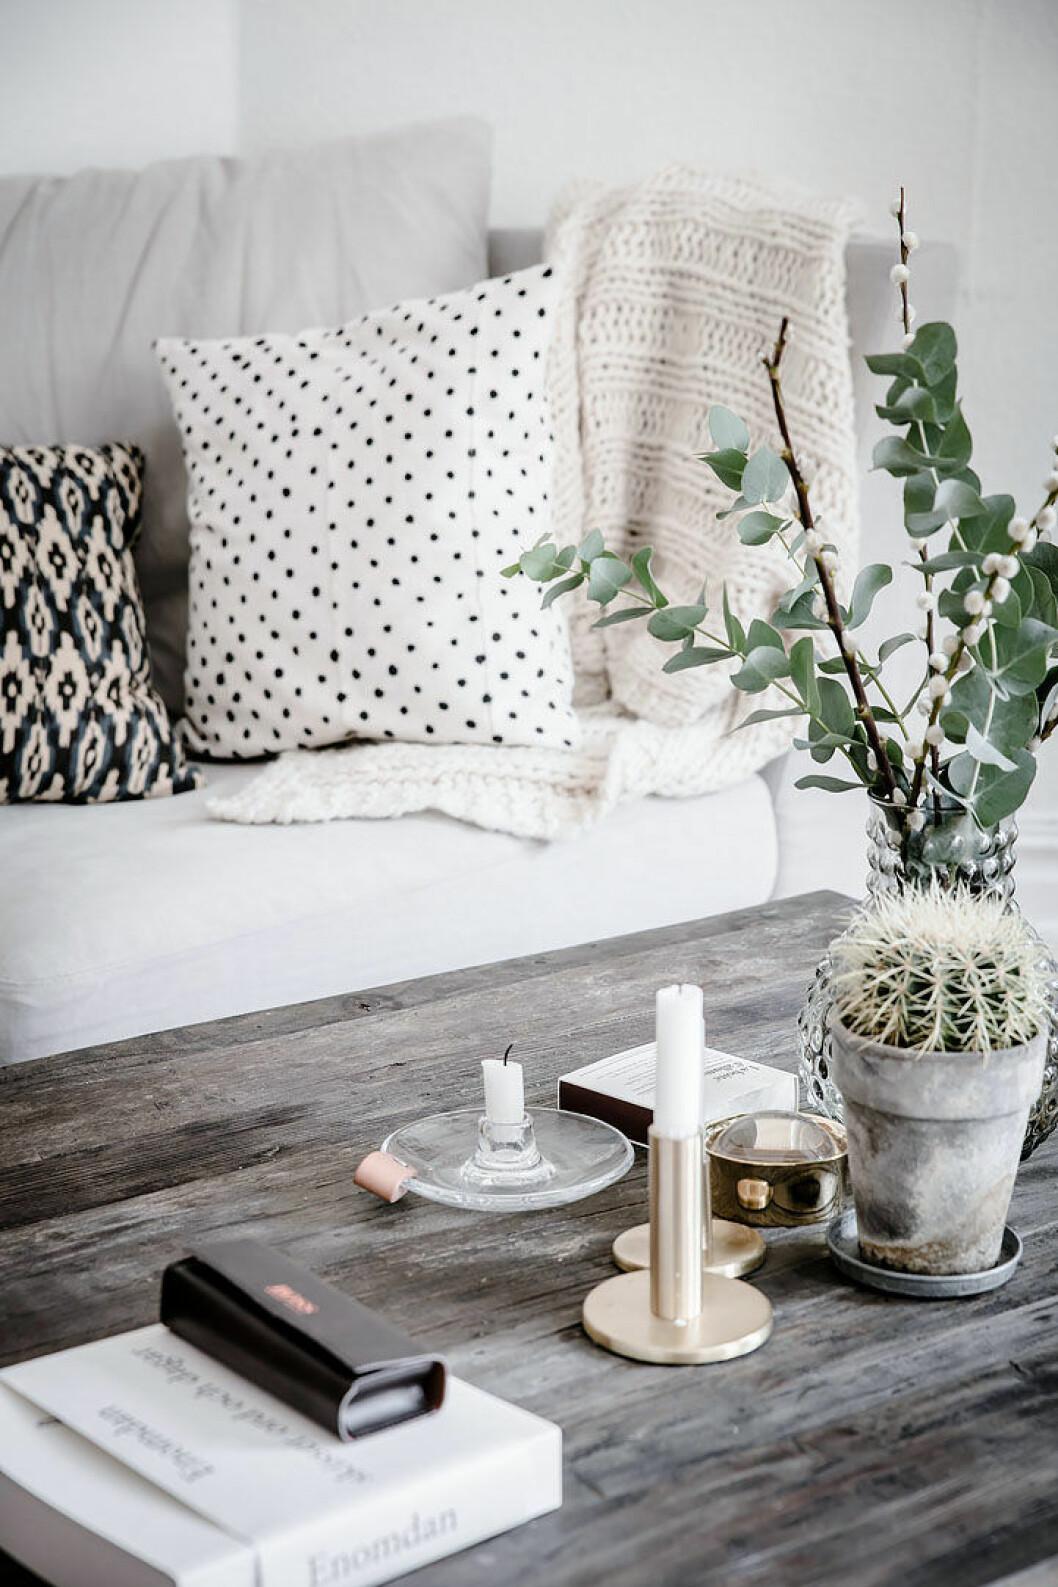 Vide och eukalyptuskvistar i en vas på ett vardagsrumsbord